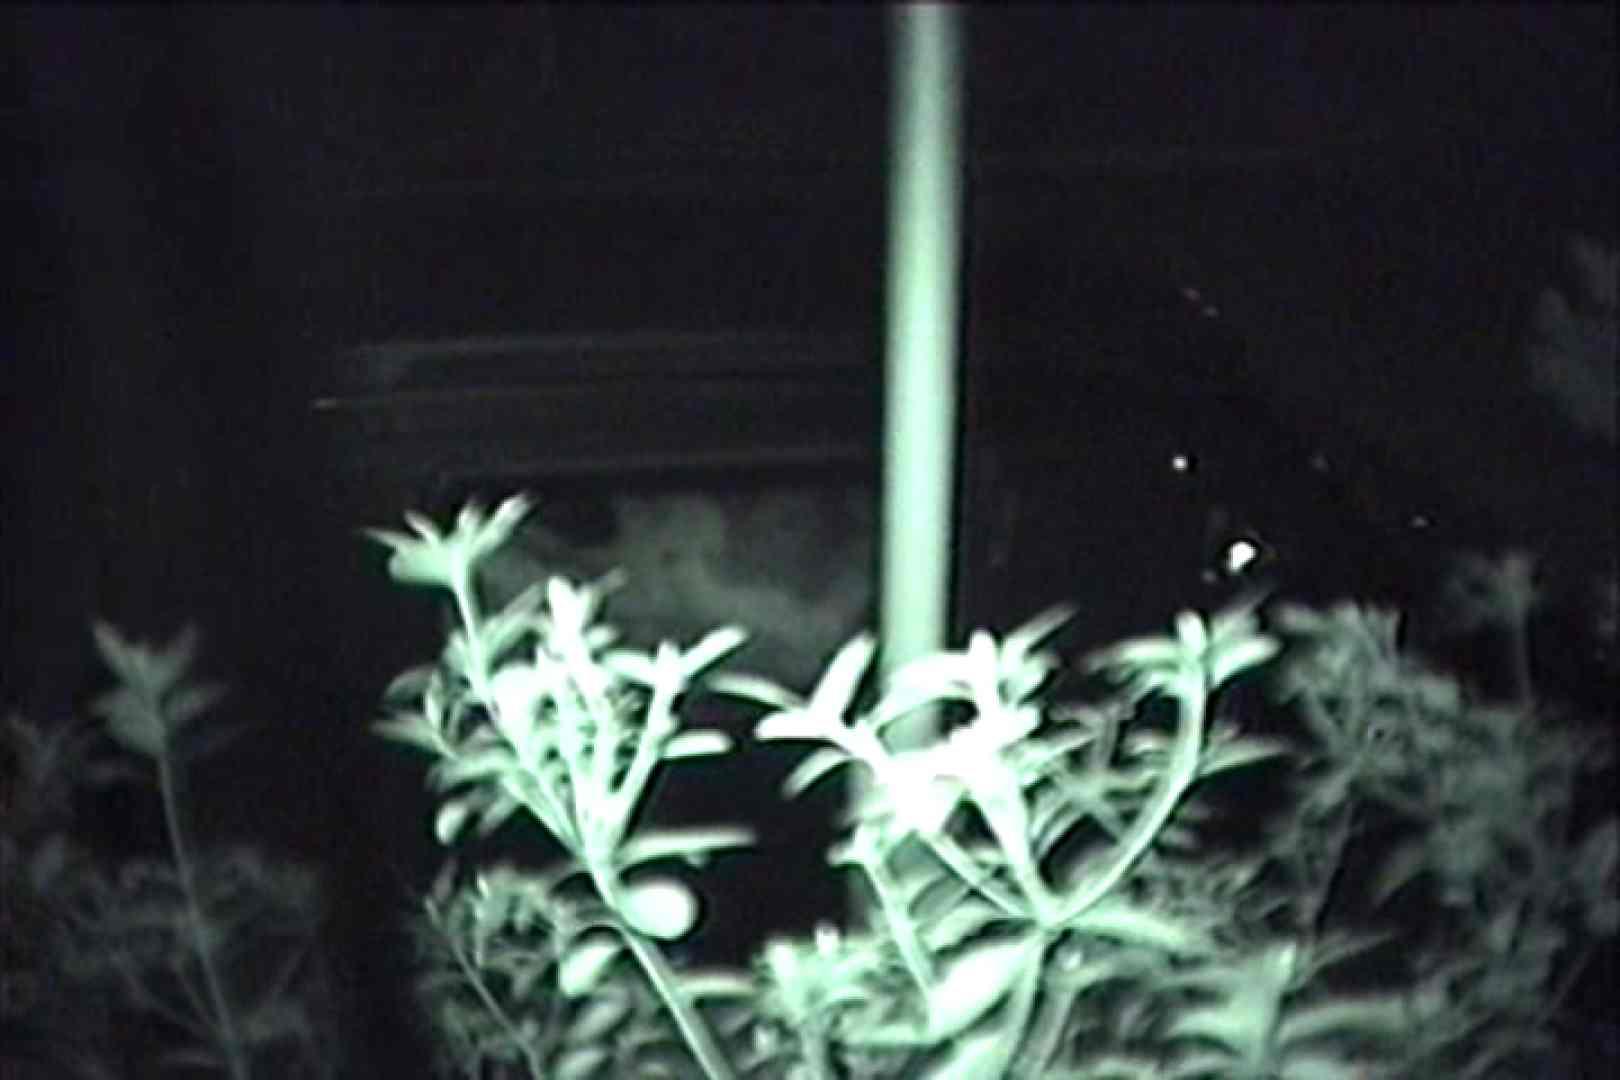 車の中はラブホテル 無修正版  Vol.16 カーセックス アダルト動画キャプチャ 52連発 8